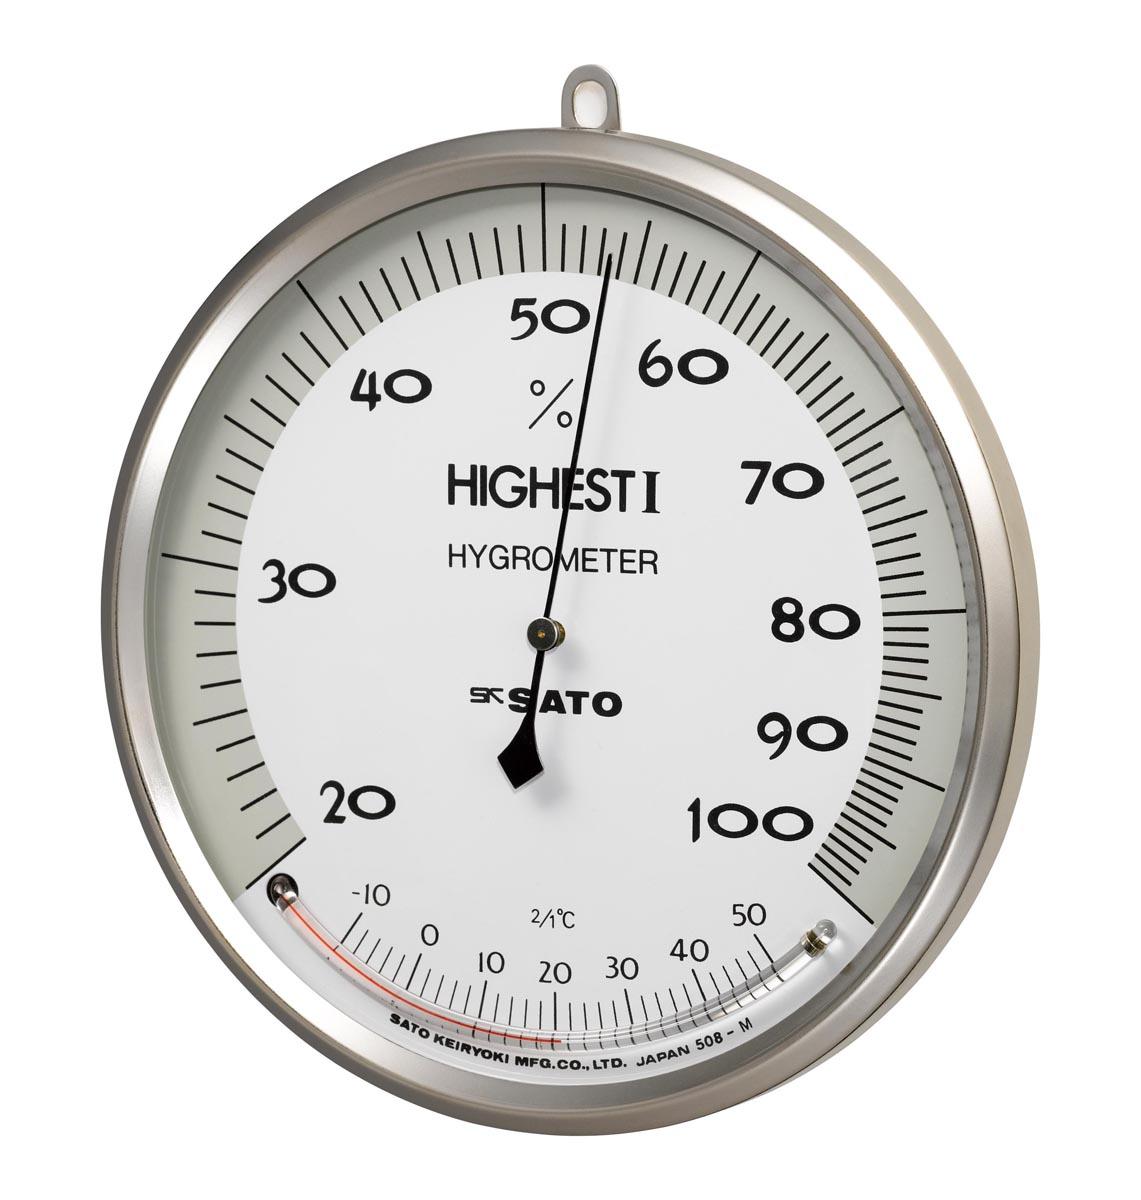 佐藤計量器製作所 精密温湿度計 H-1